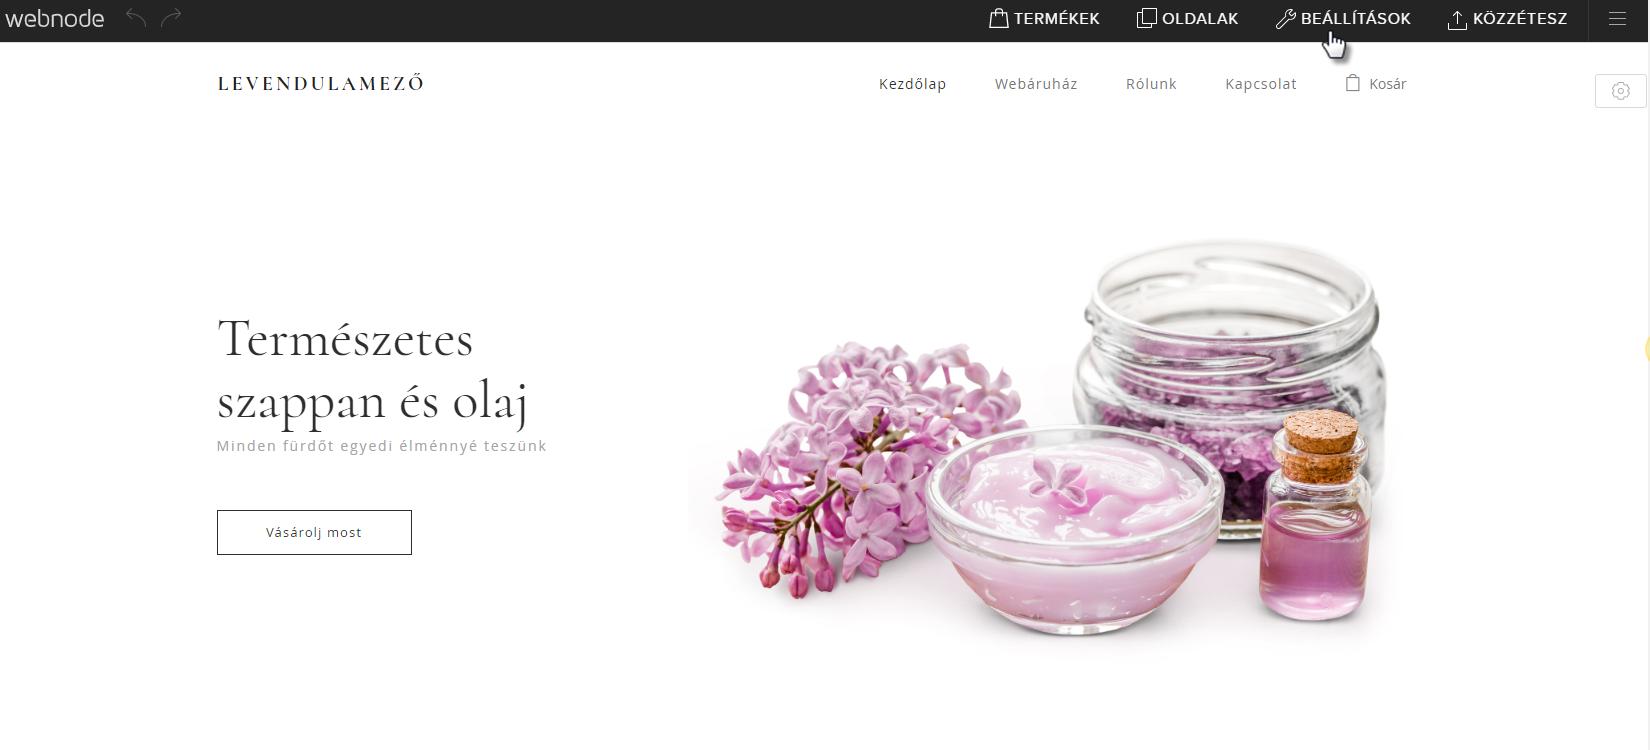 Hogyan exportálhatod termékeidet az ár-összehasonlító weboldalakra